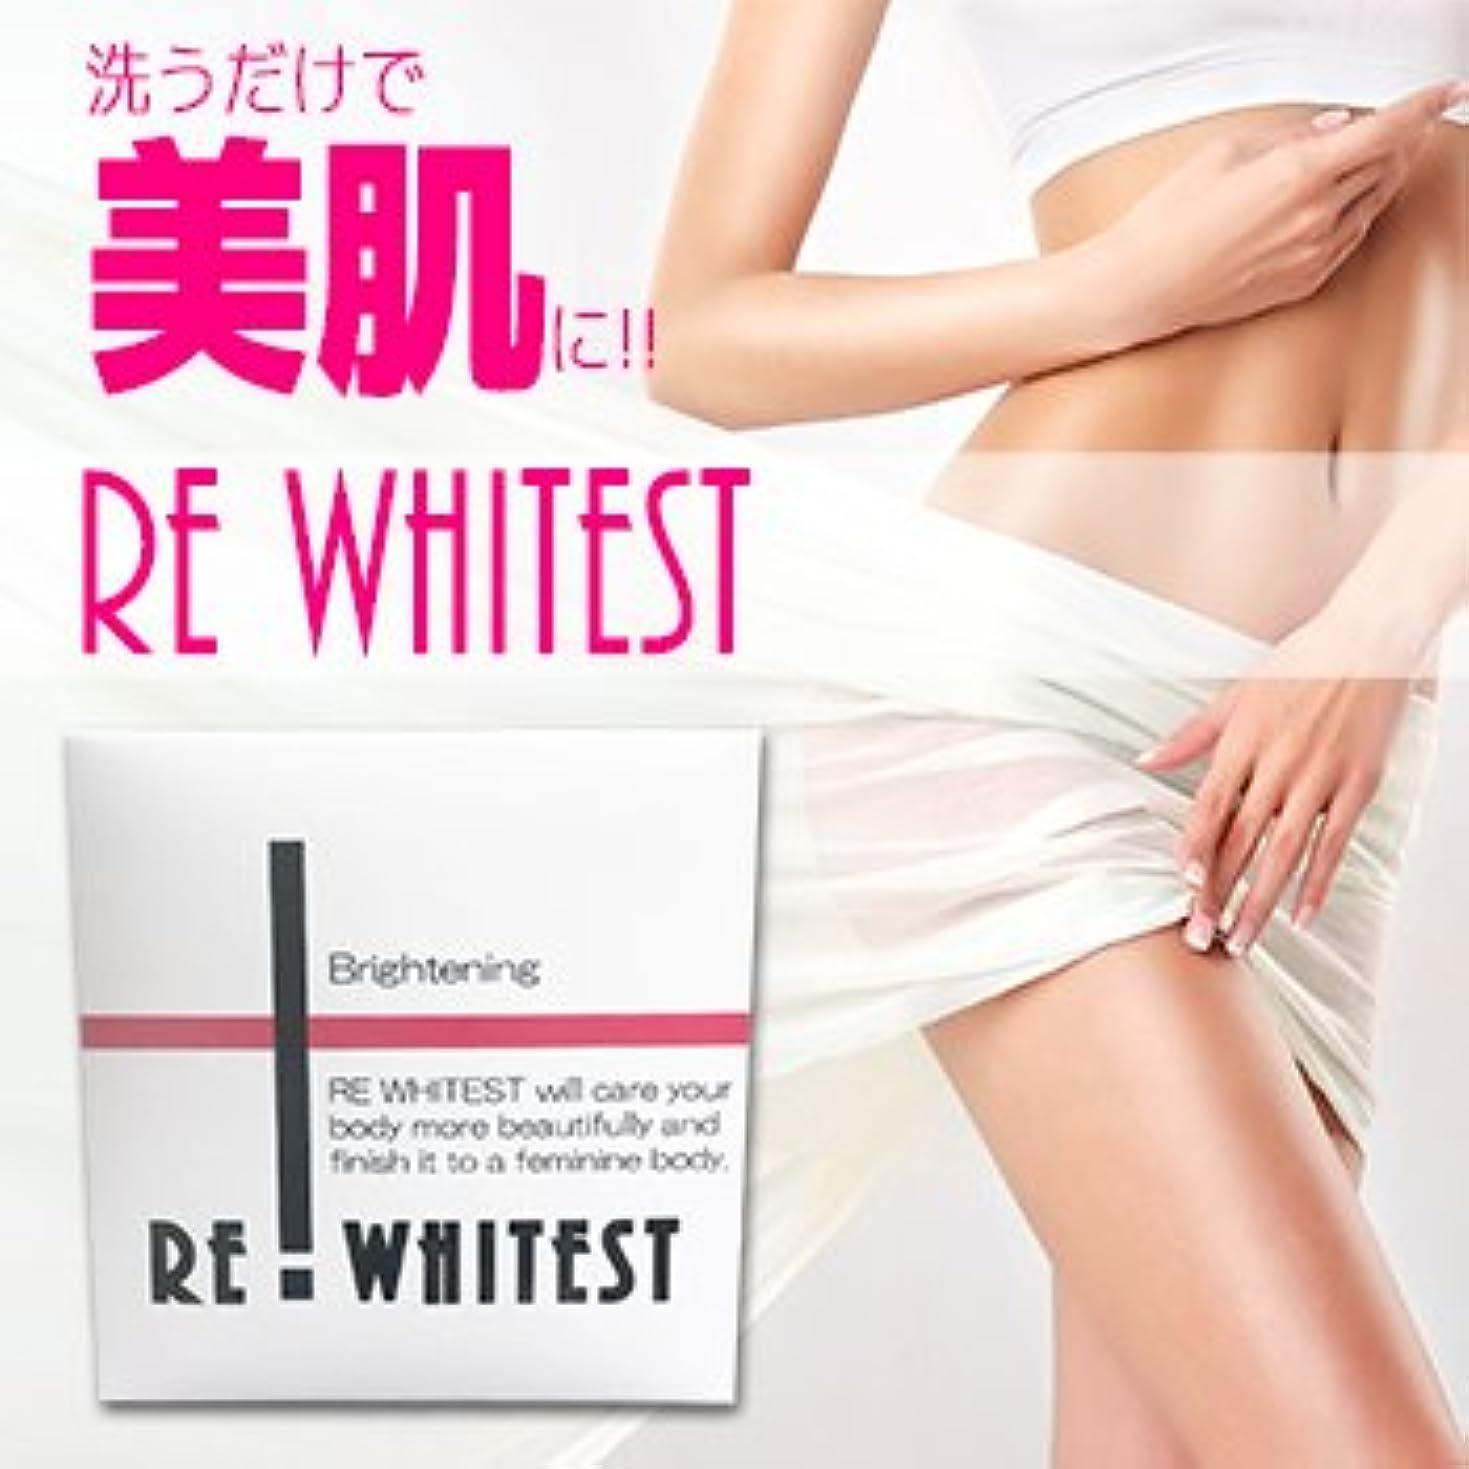 何か温度ウルルパパイン+イソフラボン配合女性用美肌石鹸 REWHITEST-リホワイテスト-